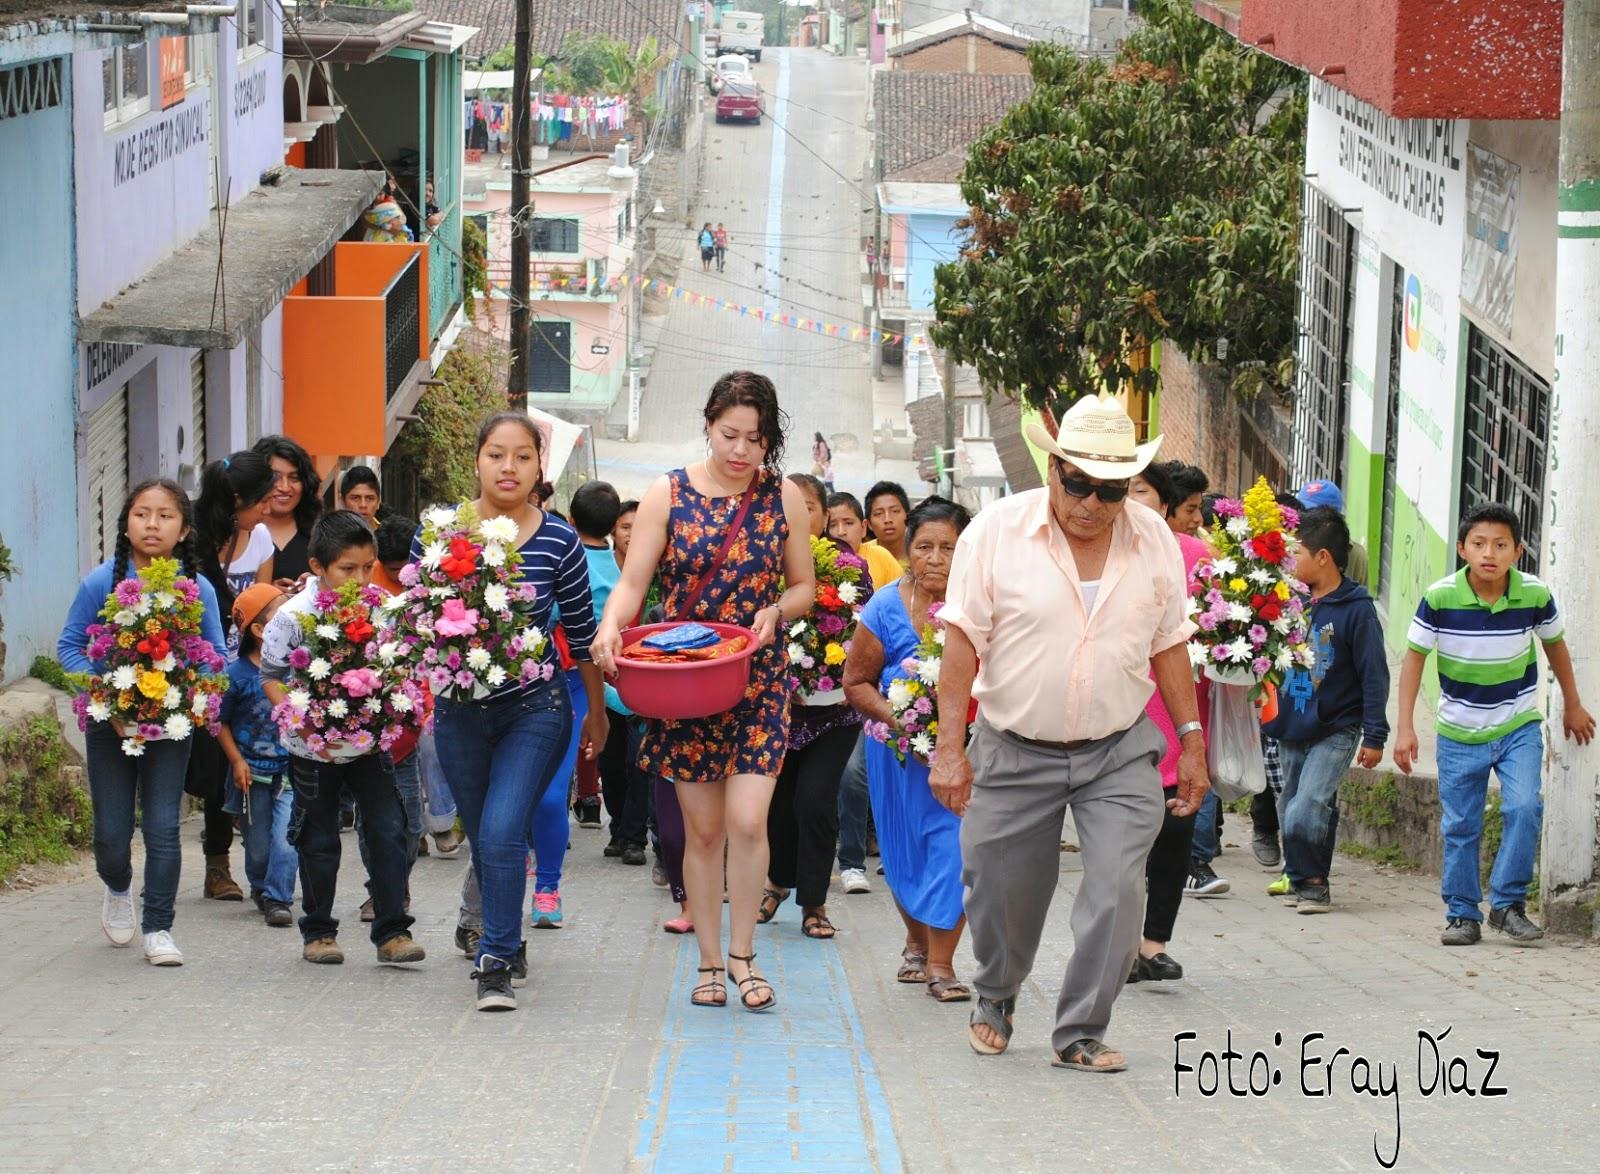 Informativo El Zoque San Fernando Se Tiñe De Colores Con La